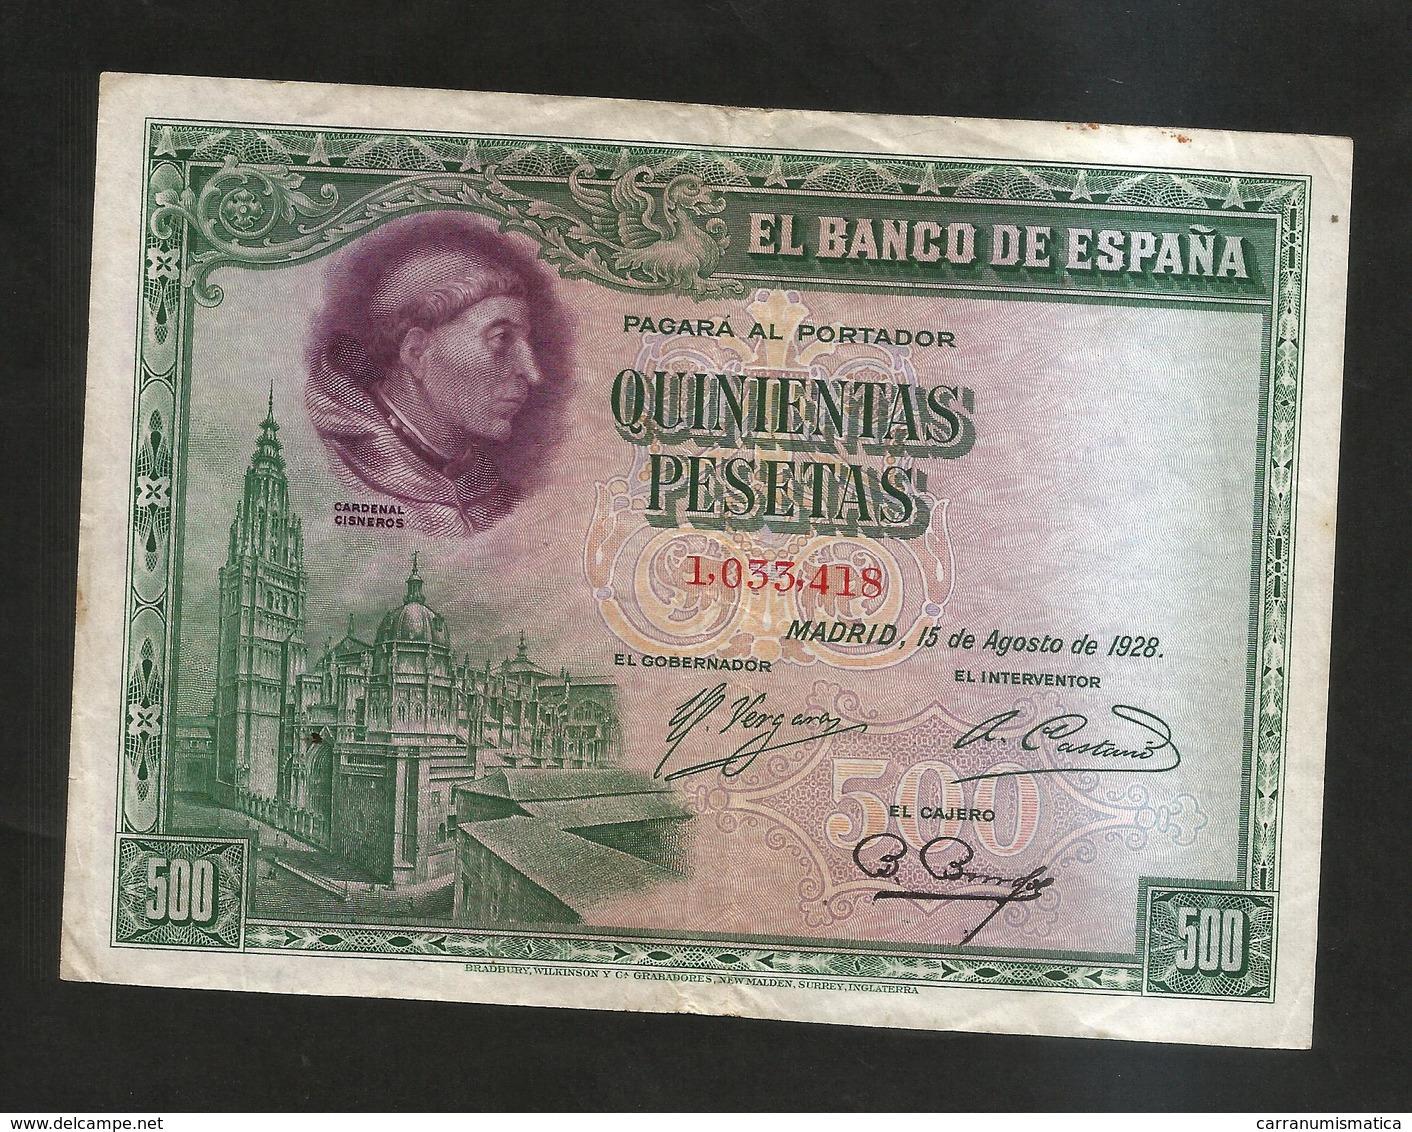 SPAGNA / SPAIN - BANCO De ESPANA - 500 Pesetas (MADRID 1928) CISNEROS - [ 2] 1931-1936 : Repubblica